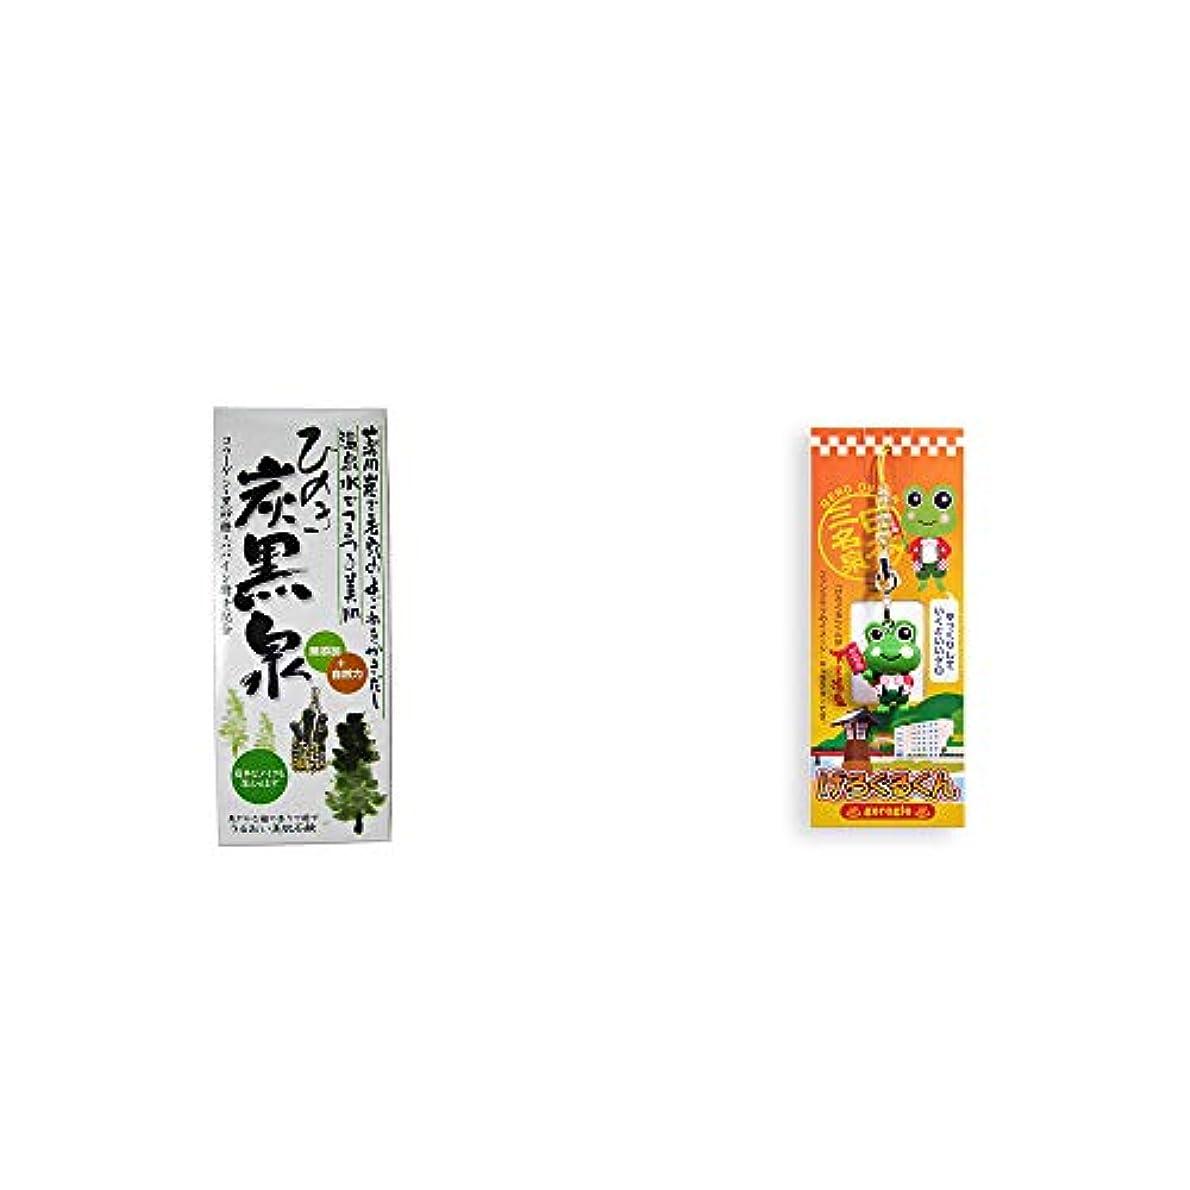 パドルゴールパイプライン[2点セット] ひのき炭黒泉 箱入り(75g×3)?下呂温泉ファンクラブのイメージキャラクター げろぐるくんストラップ